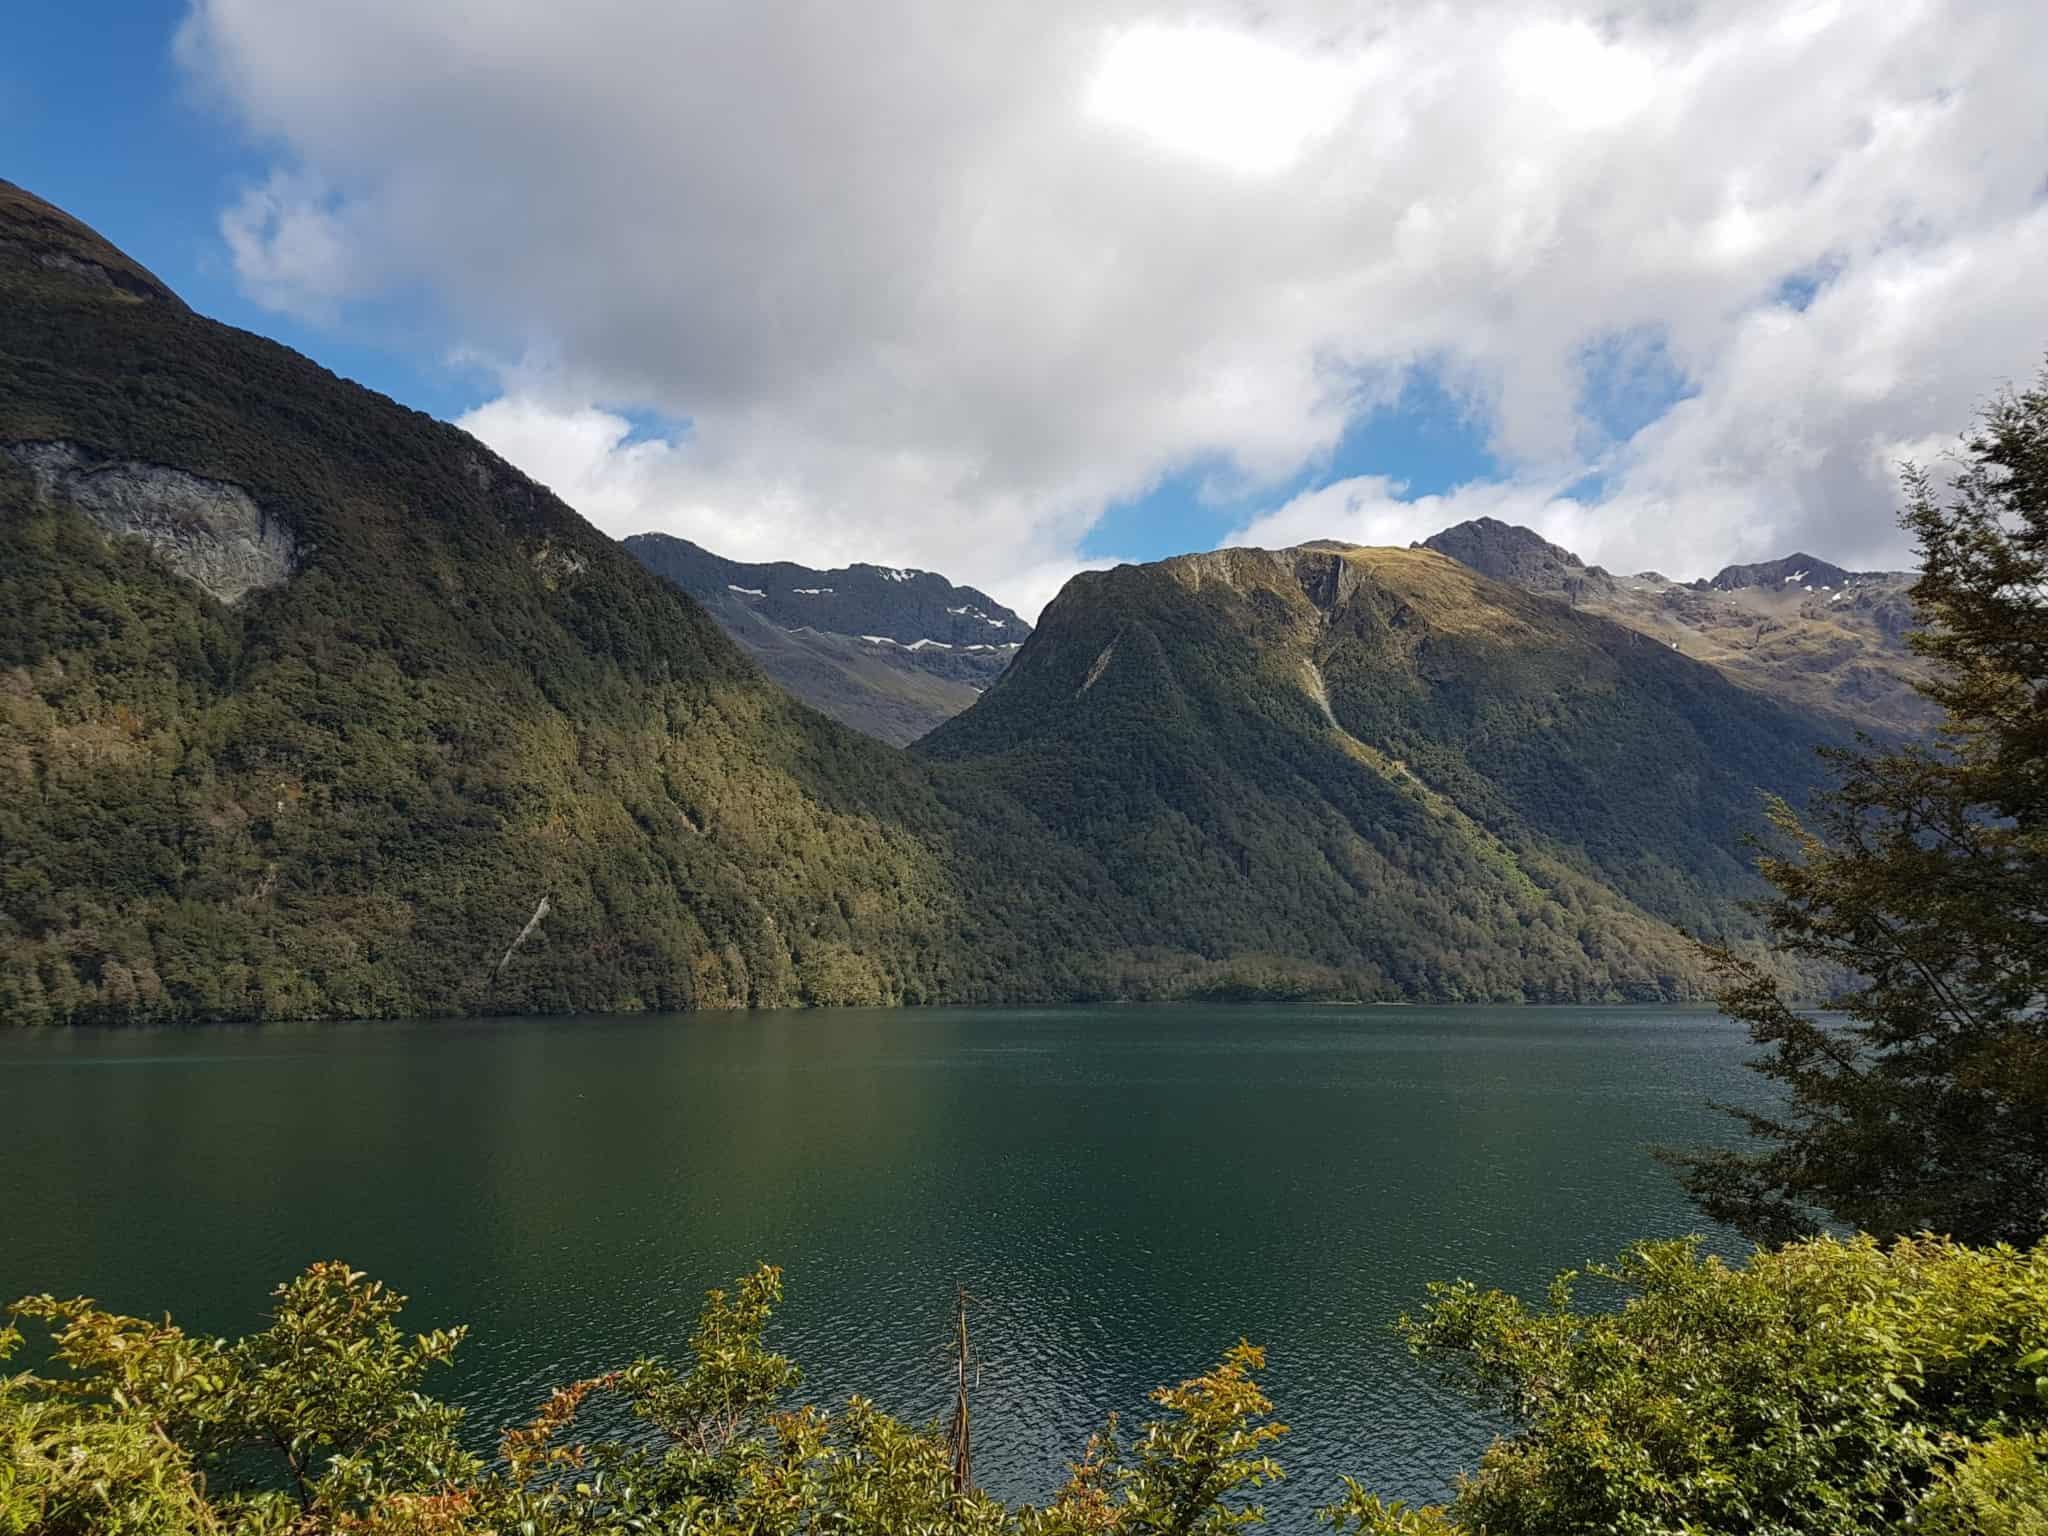 Nouvelle-Zélande, magnifique tour en bateau au coeur du Milford Sound ⛴ 5